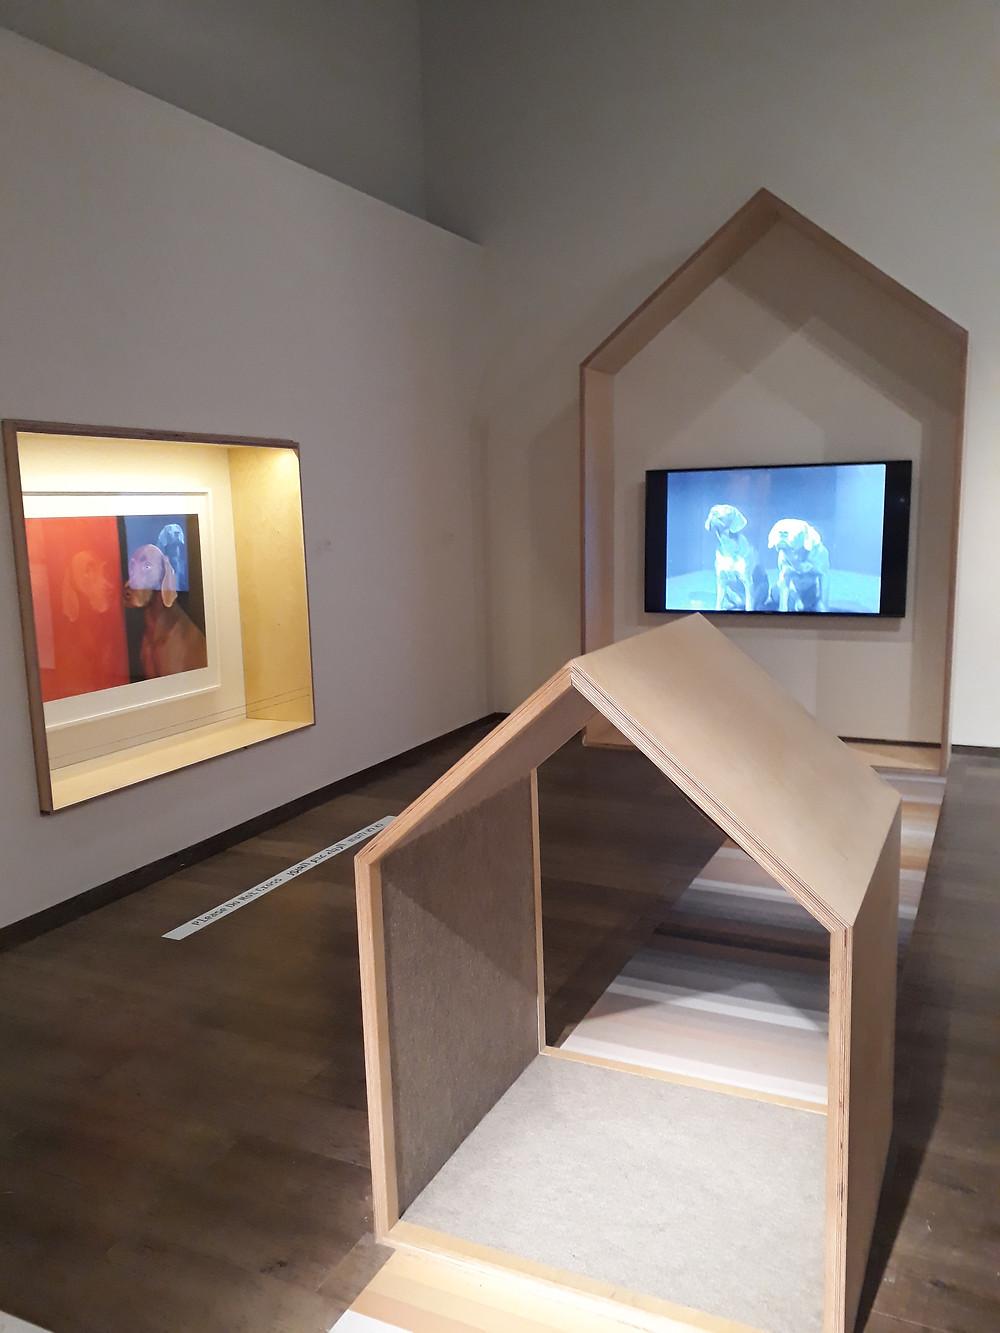 מבט על חלל בתערוכה צילום: אושרת אביחצירה פרזם